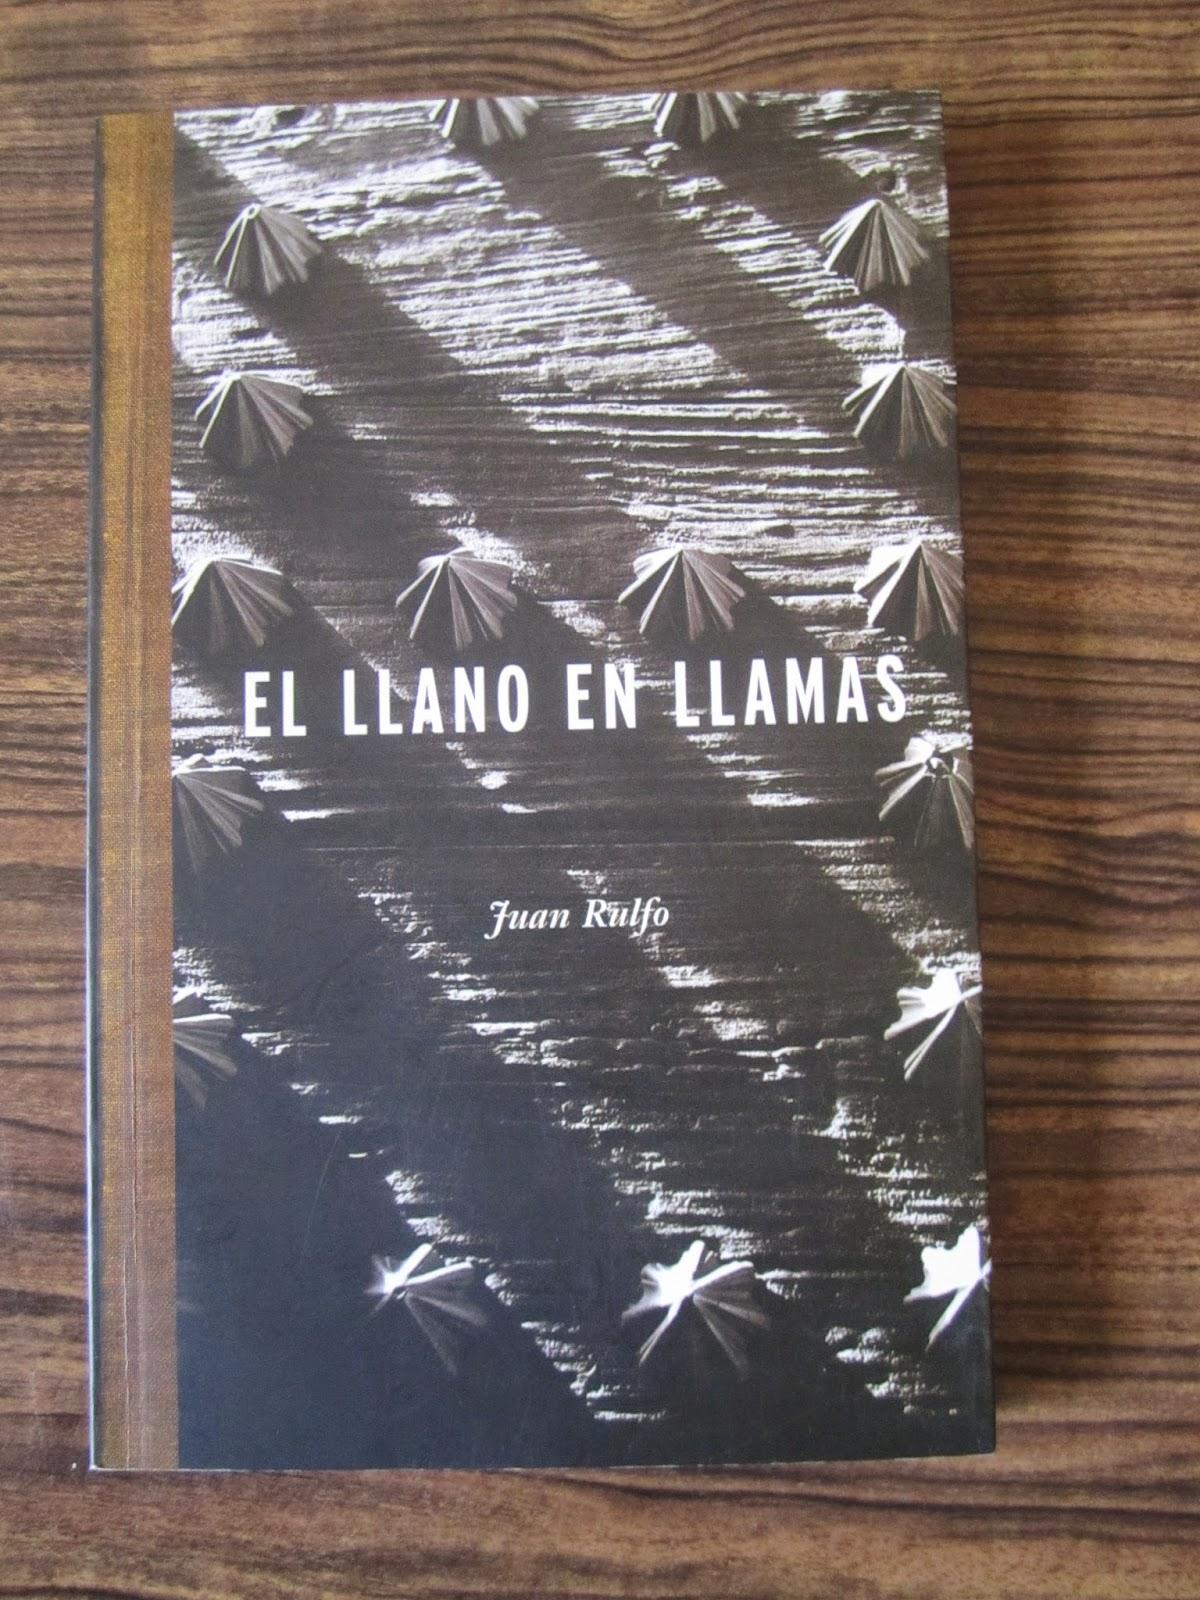 credo quia absurdum est: Juan Rulfo - El Llano en Llamas